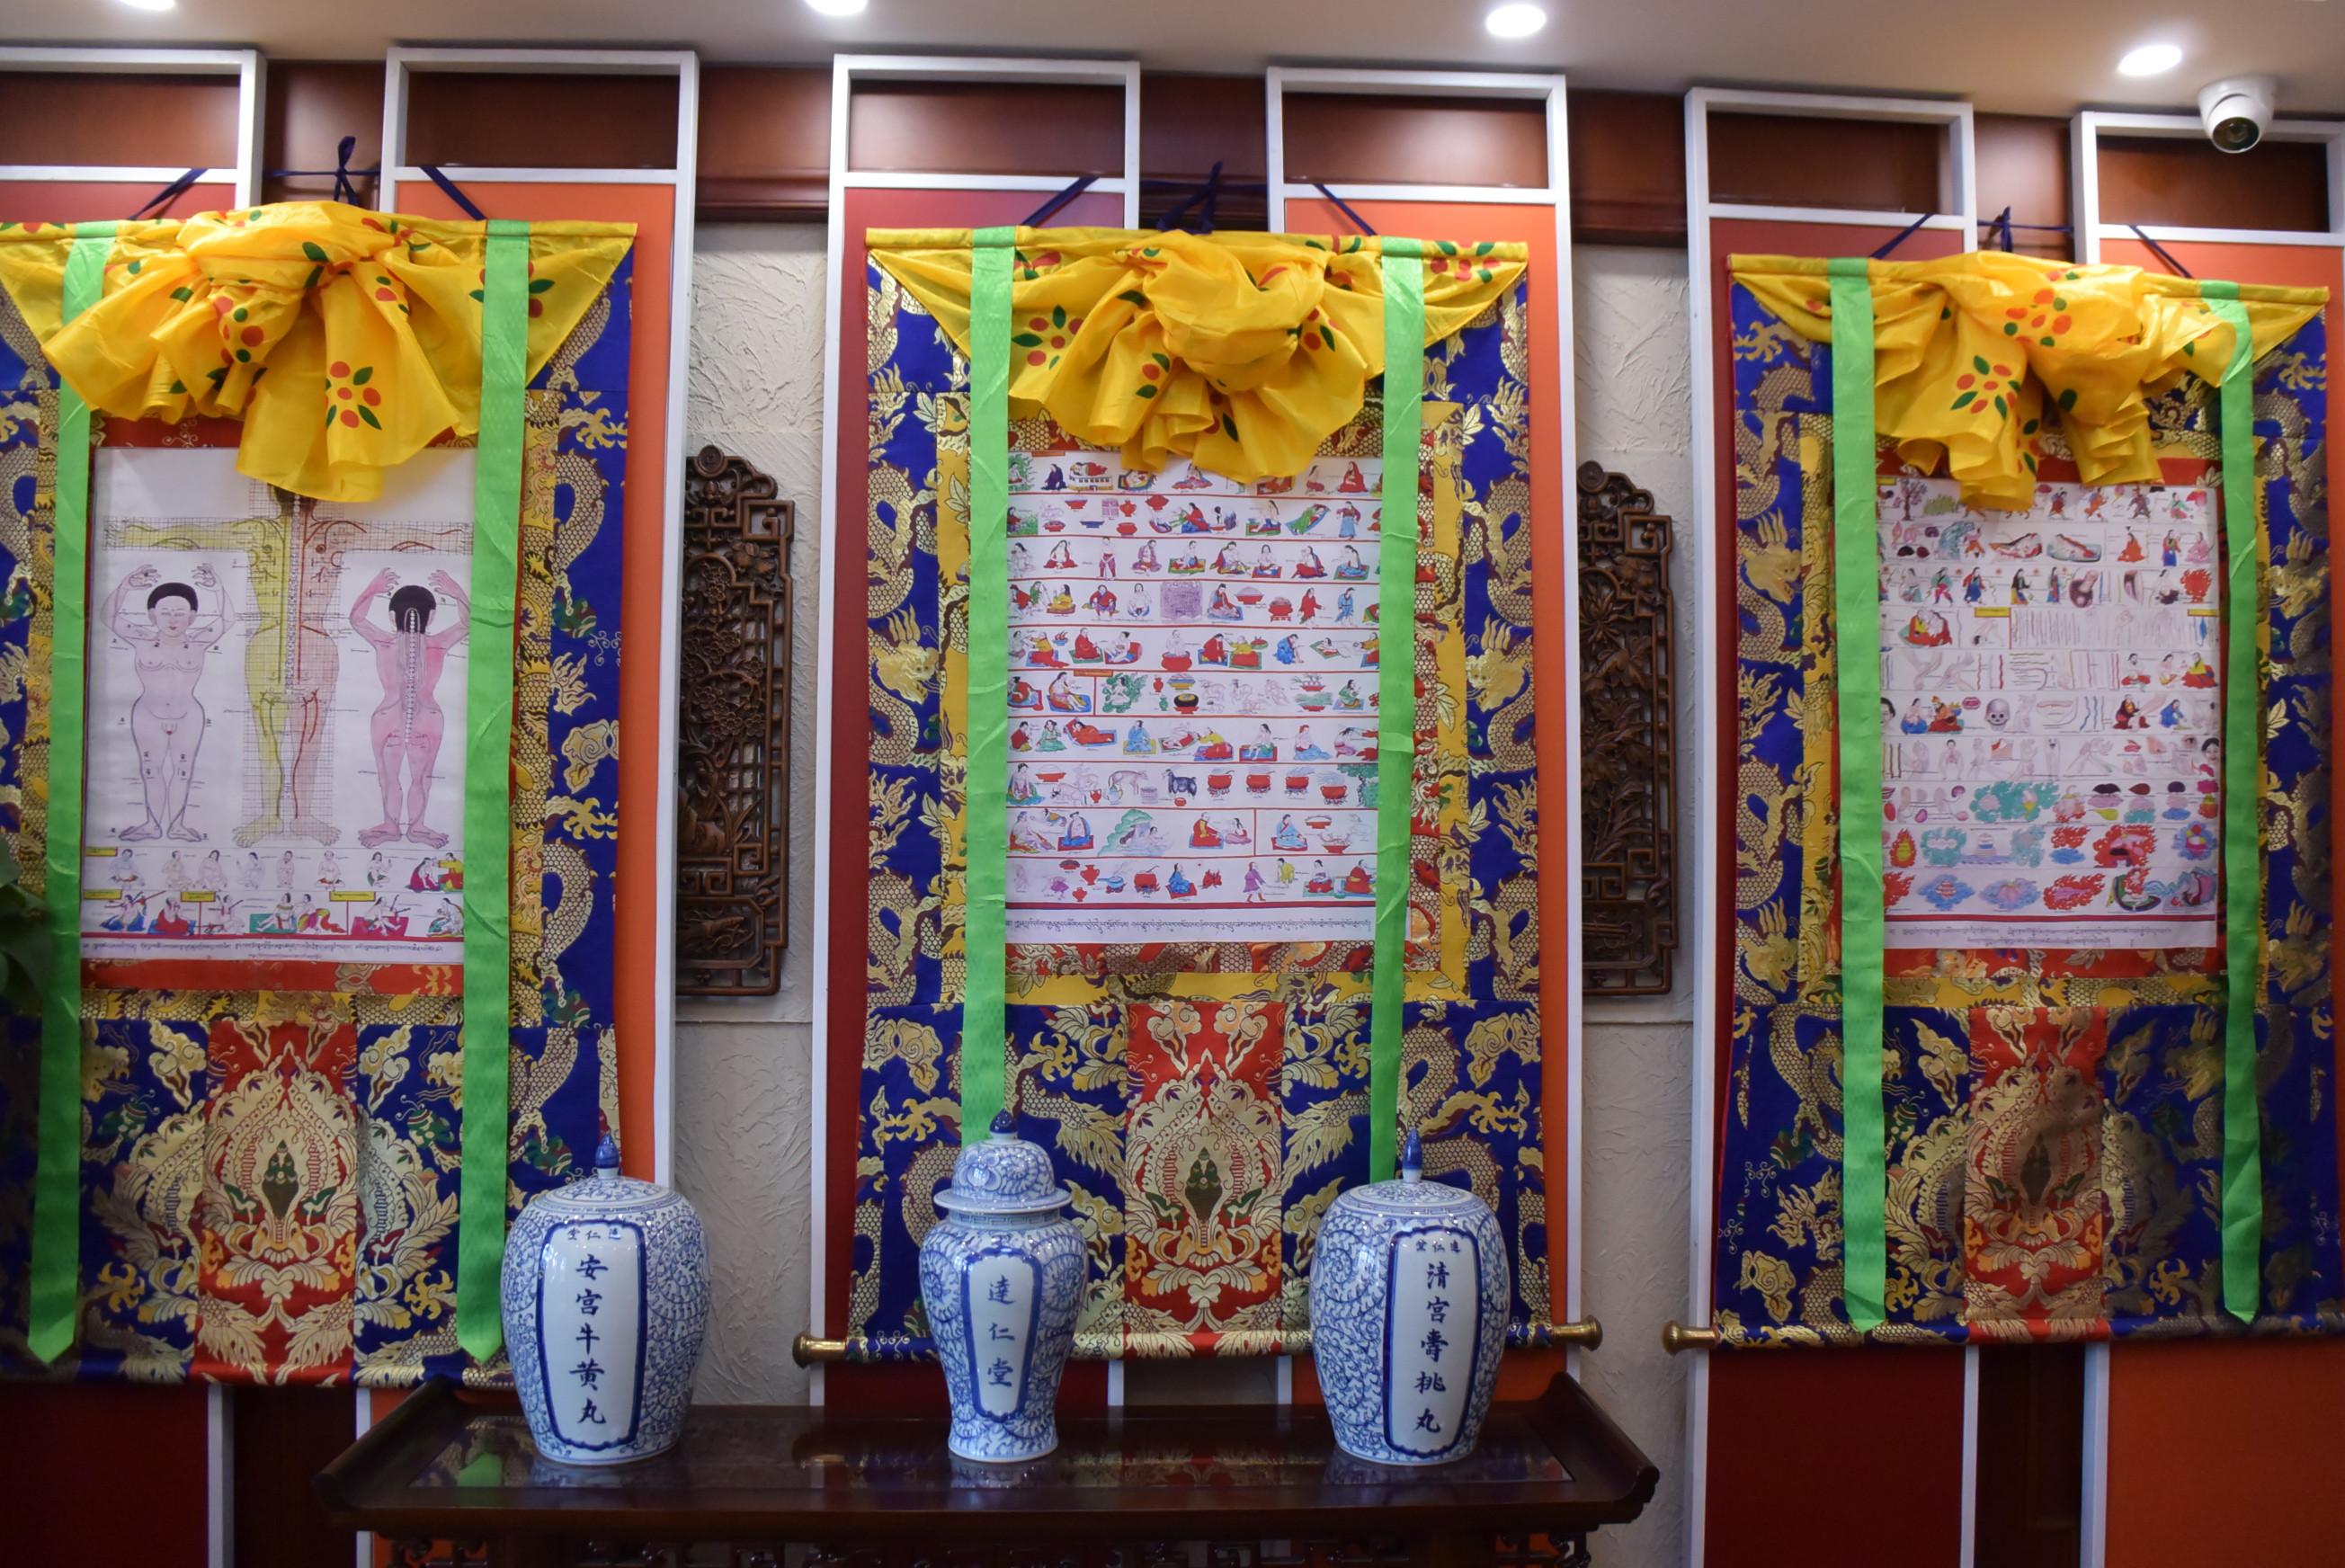 中医薬とチベット医薬の魅力に触れる 天津市